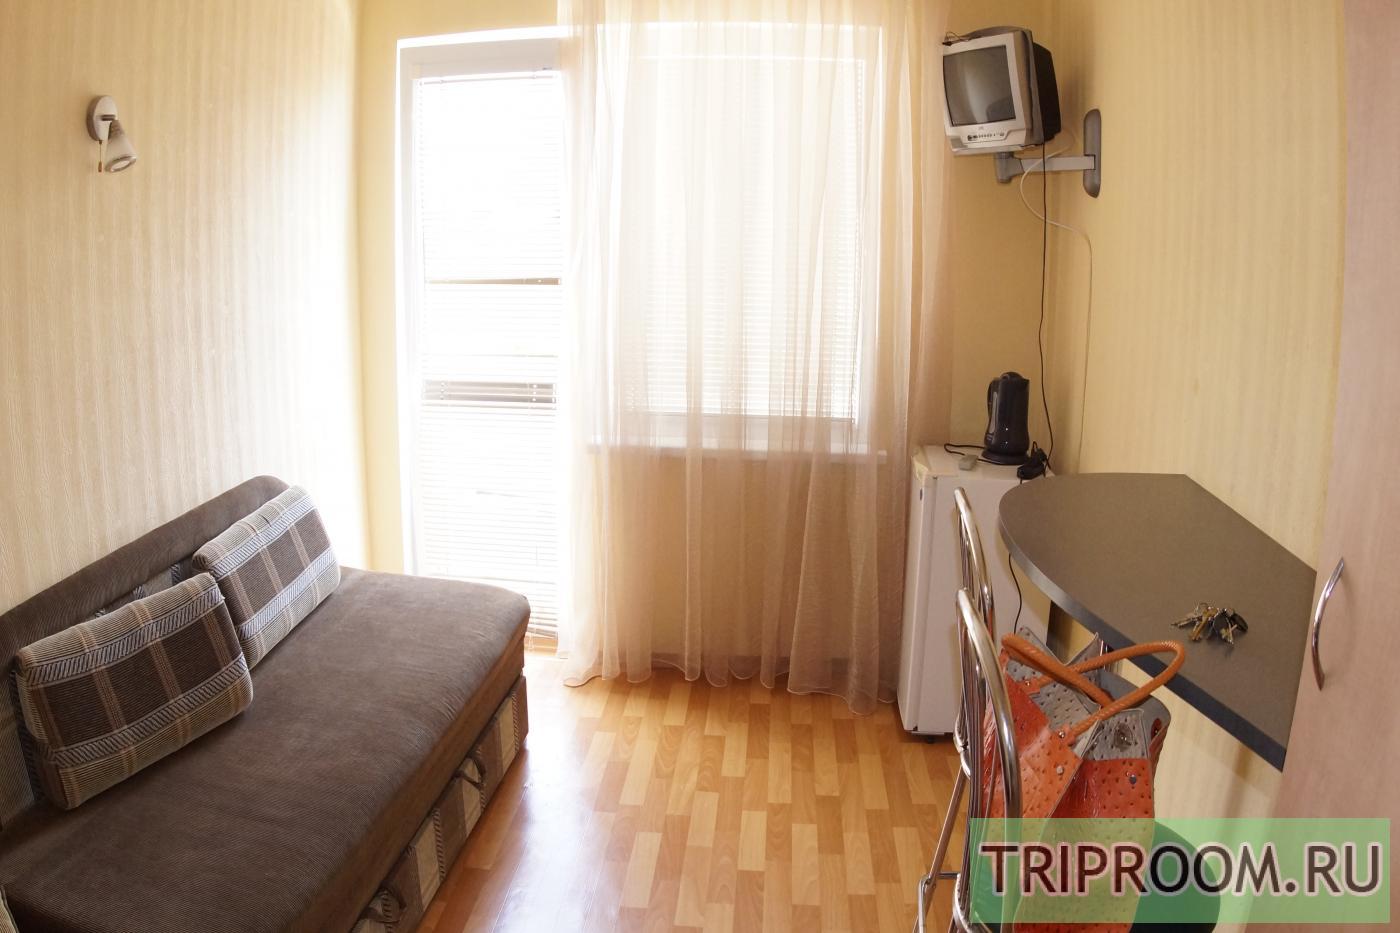 1-комнатная квартира посуточно (вариант № 8882), ул. Южногородская набережная, фото № 2